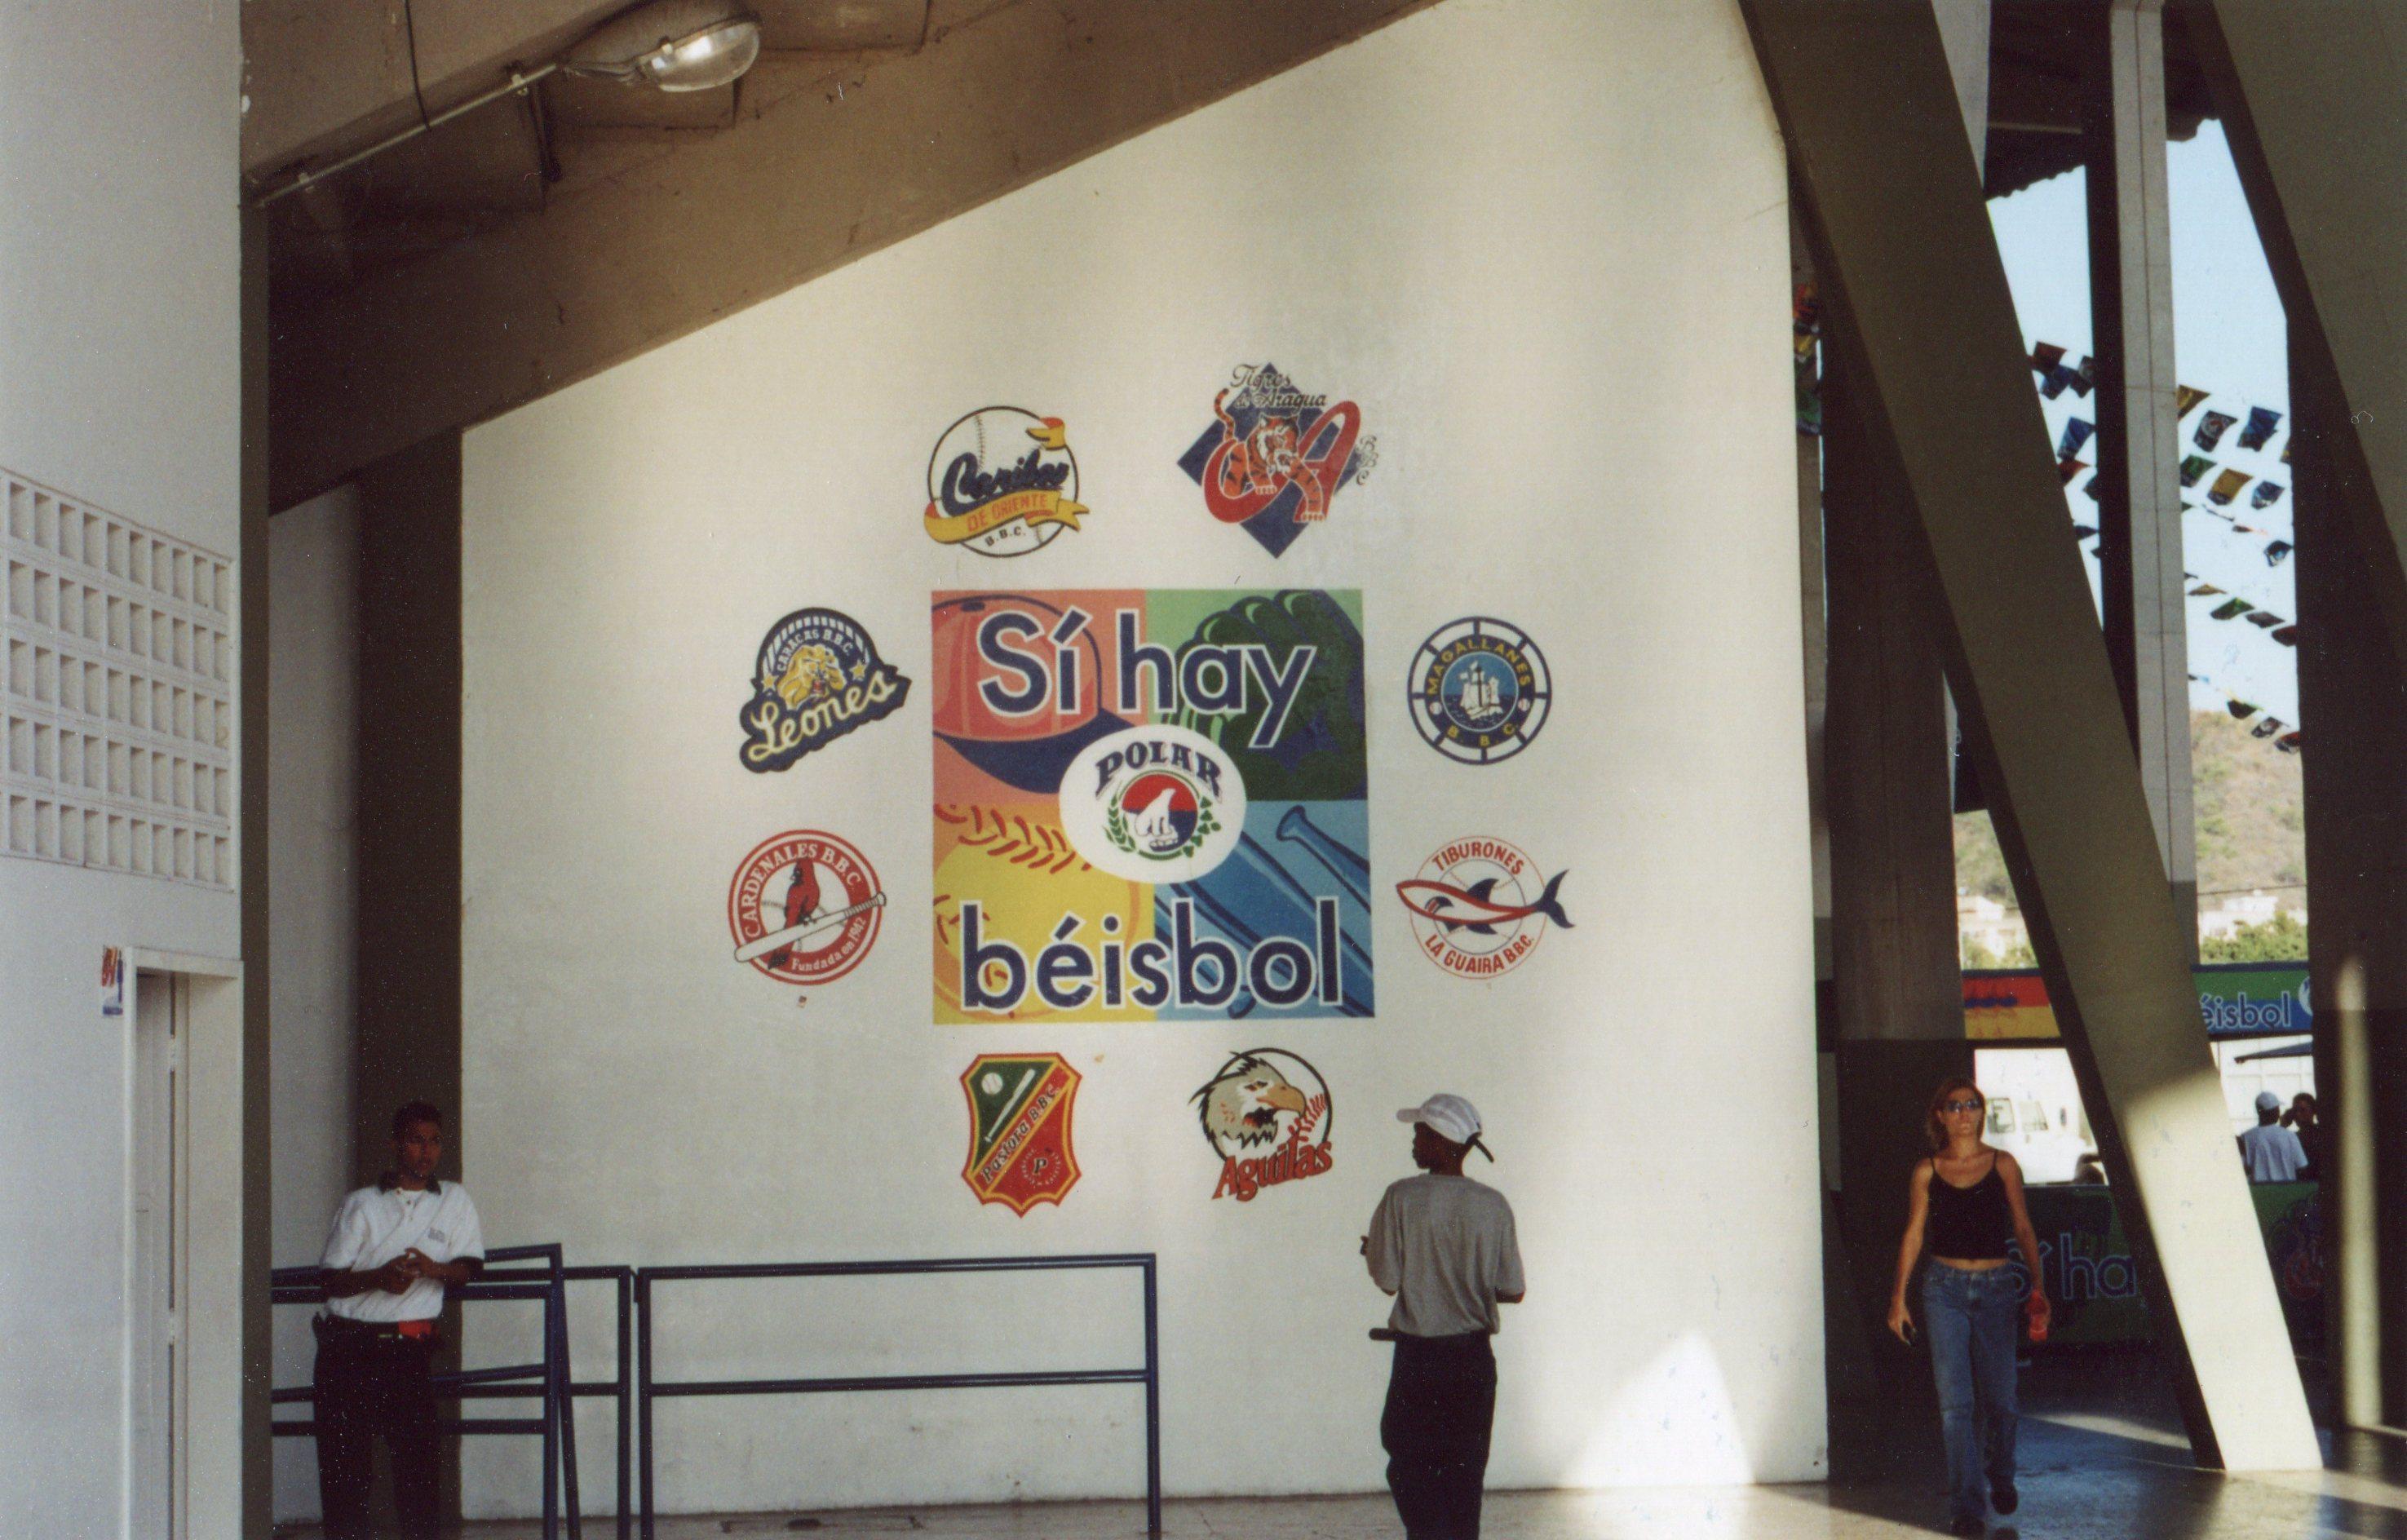 ベネズエラウィンターリーグは8球団から成っている。